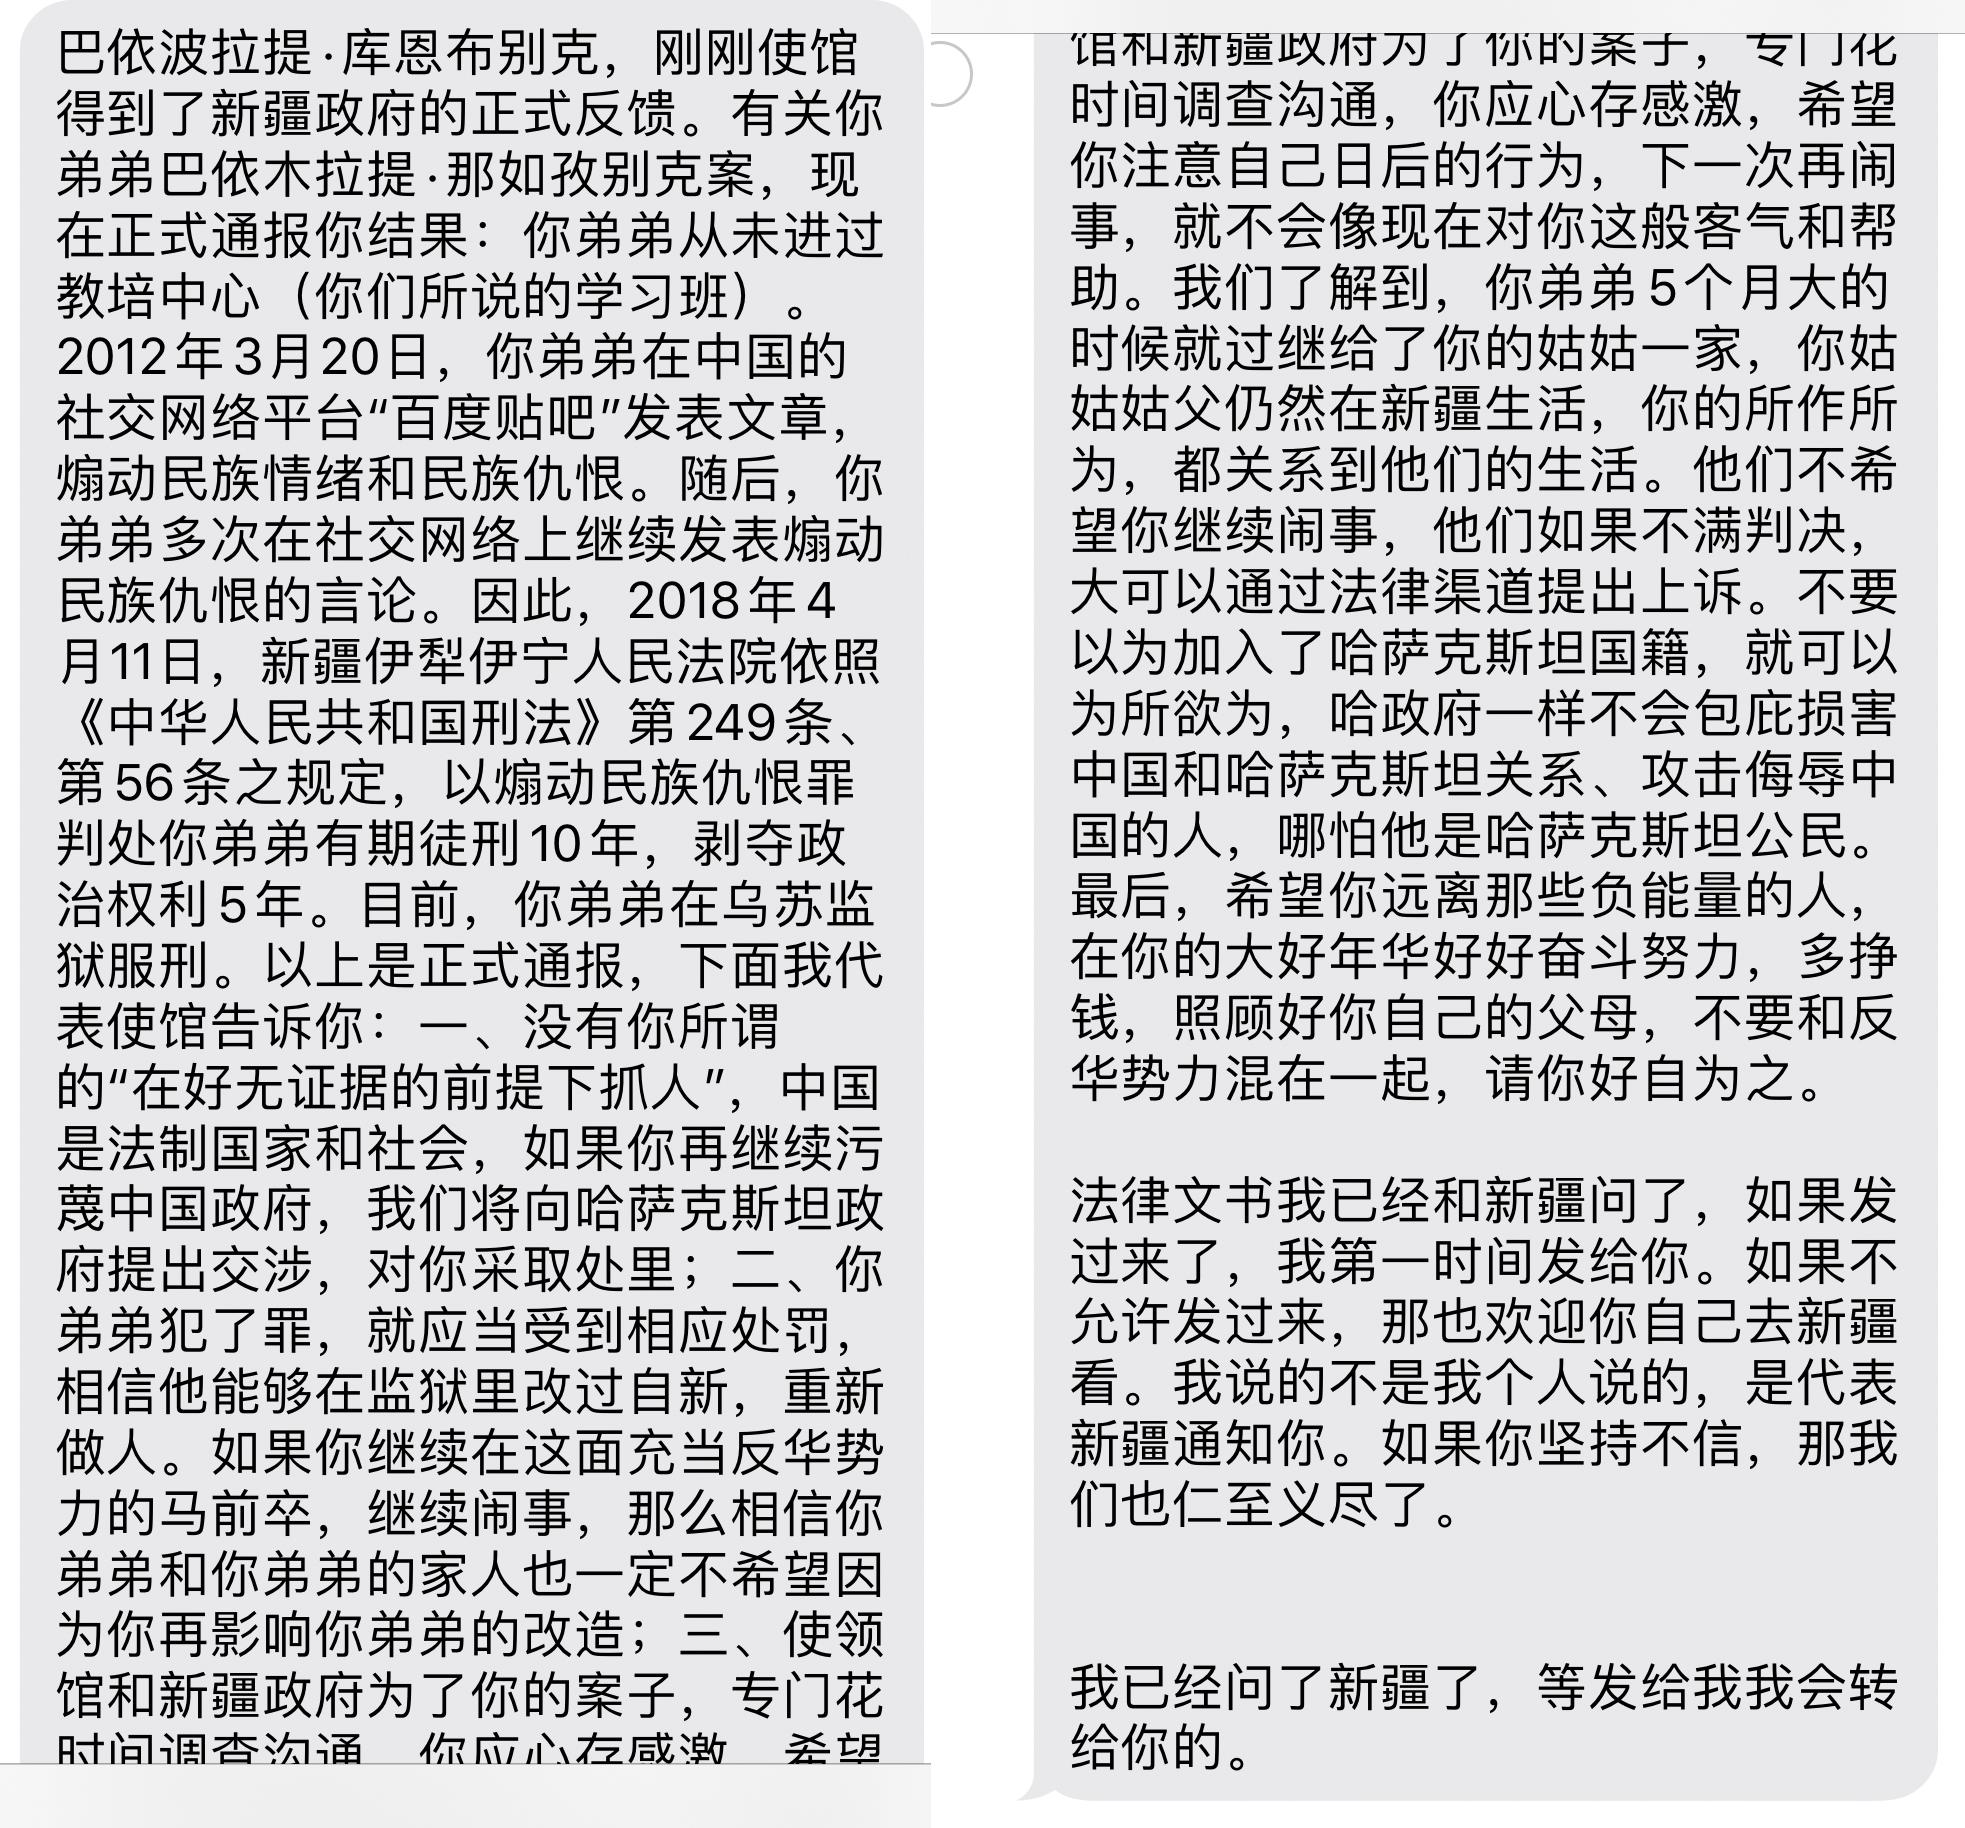 巴伊波拉提收到的中国使馆官员的回复。(巴伊波拉提提供)